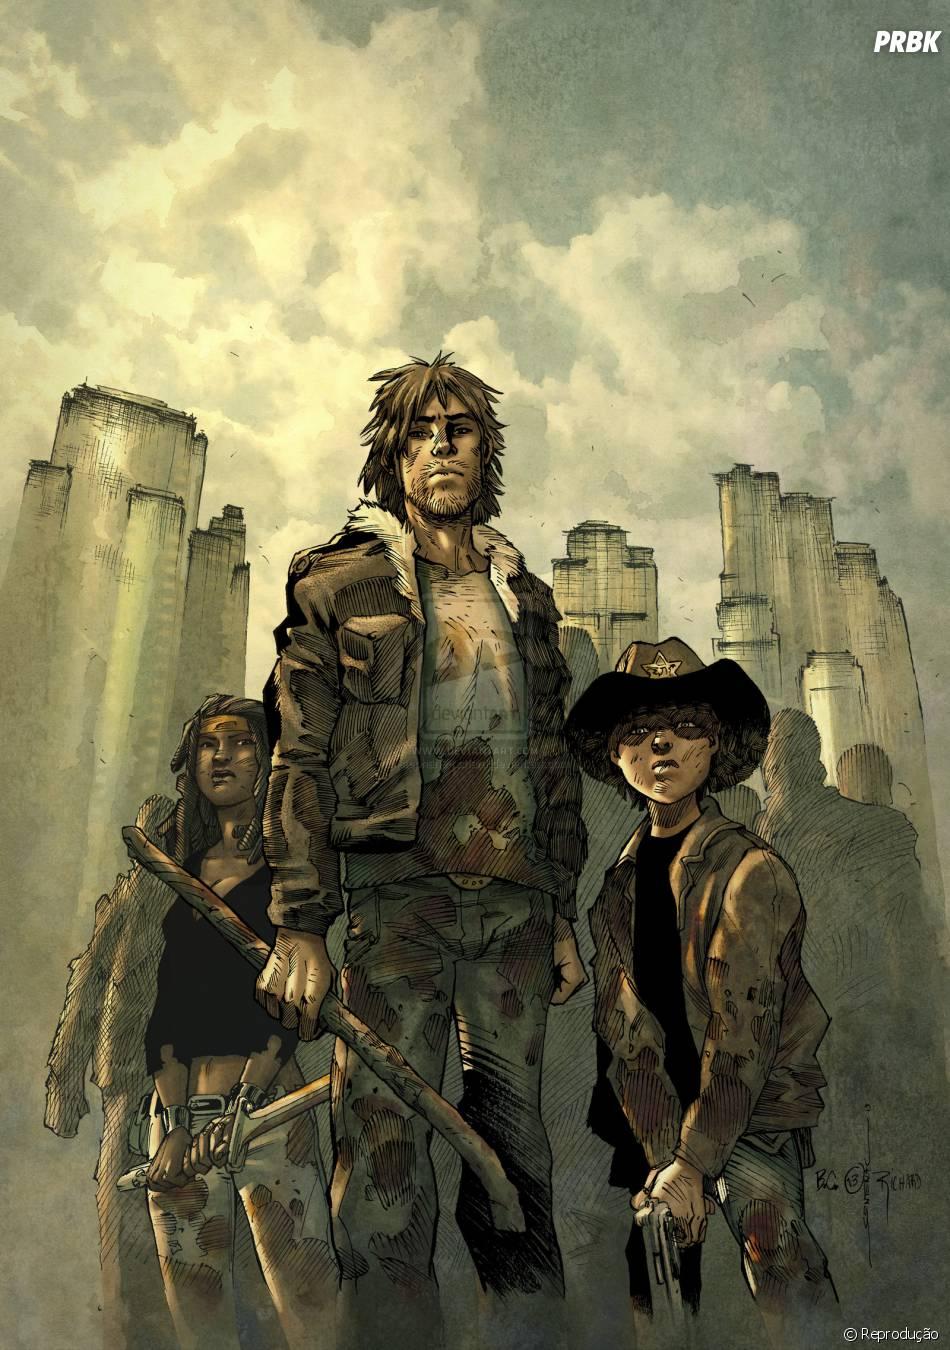 Os personagens da série foram retratados quase sempre armados e prontos para se defenderem de qualquer ameaça zumbi